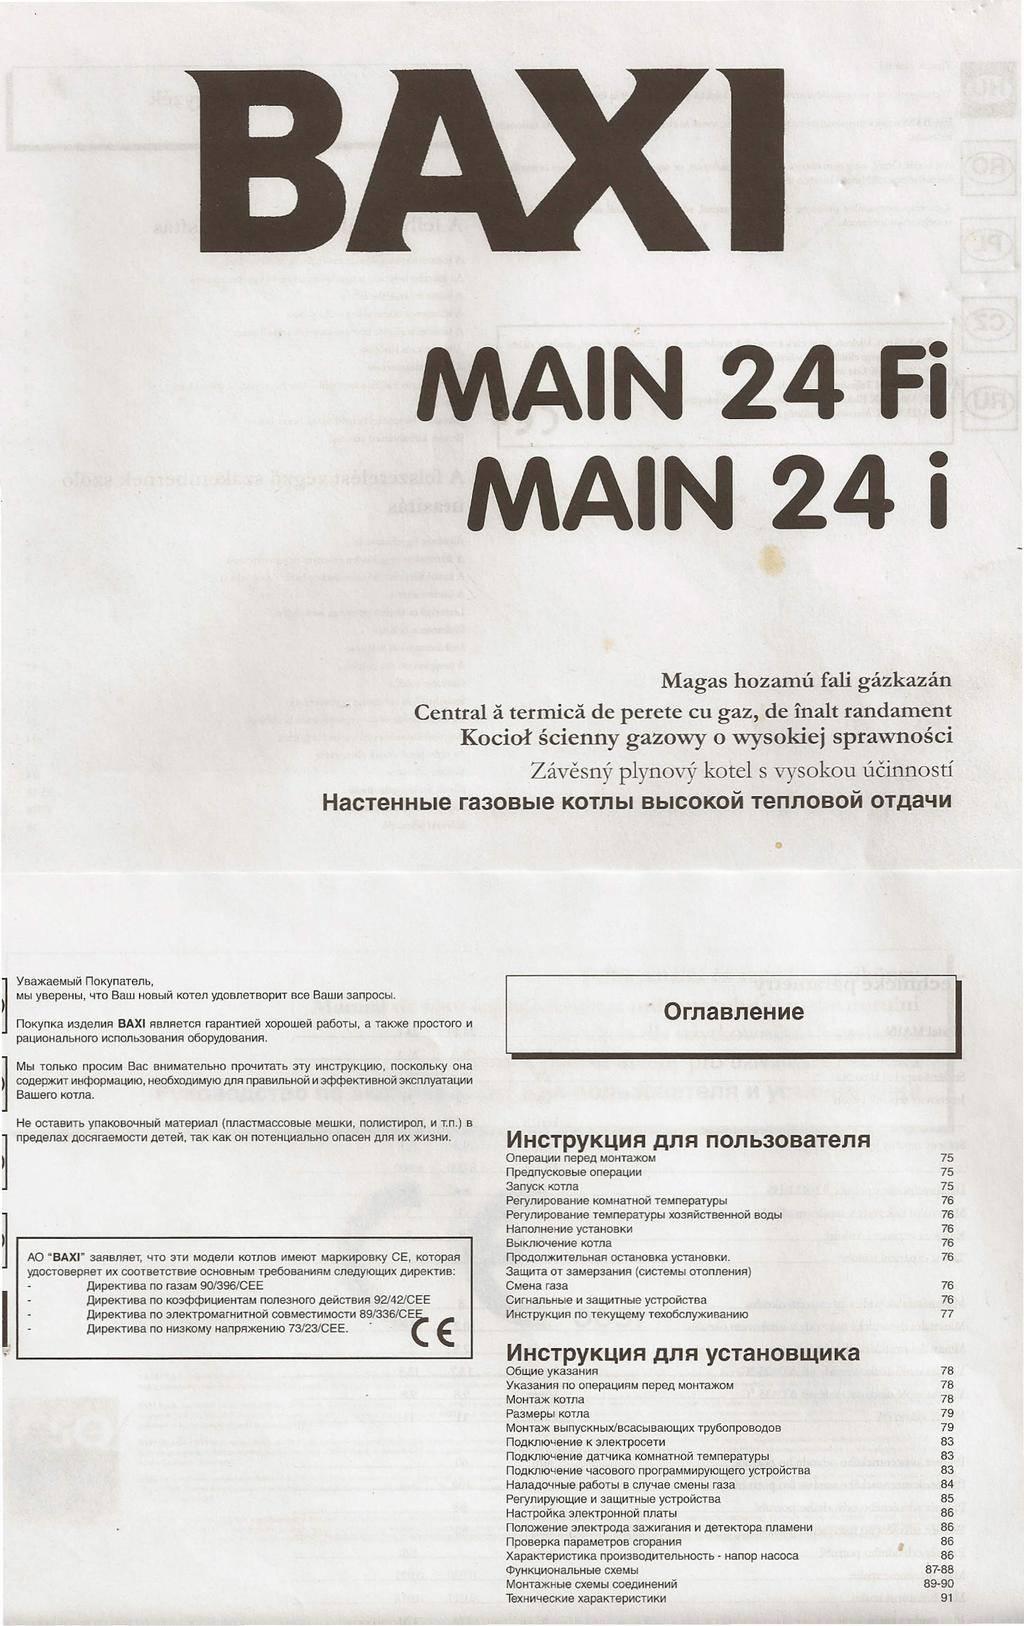 Baxi main 24 fi инструкция – обязательная к изучению